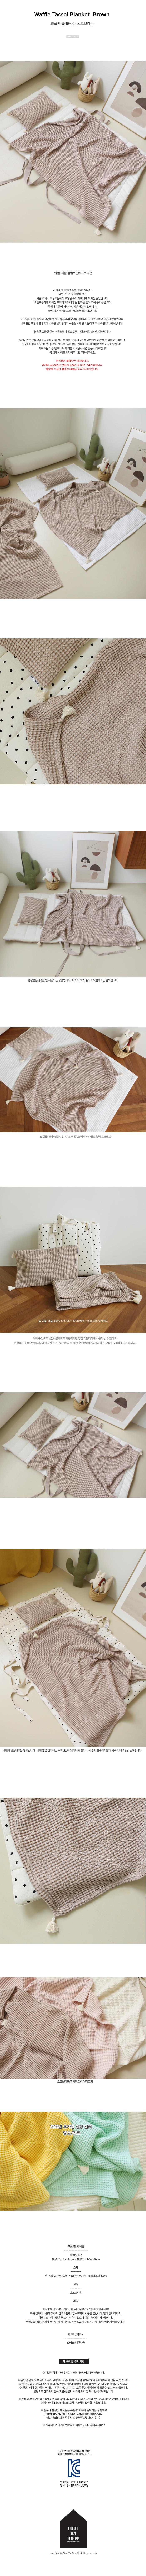 와플 태슬 블랭킷_쵸코브라운 - 뚜바비엥, 28,000원, 담요/블랑켓, 무지/솔리드